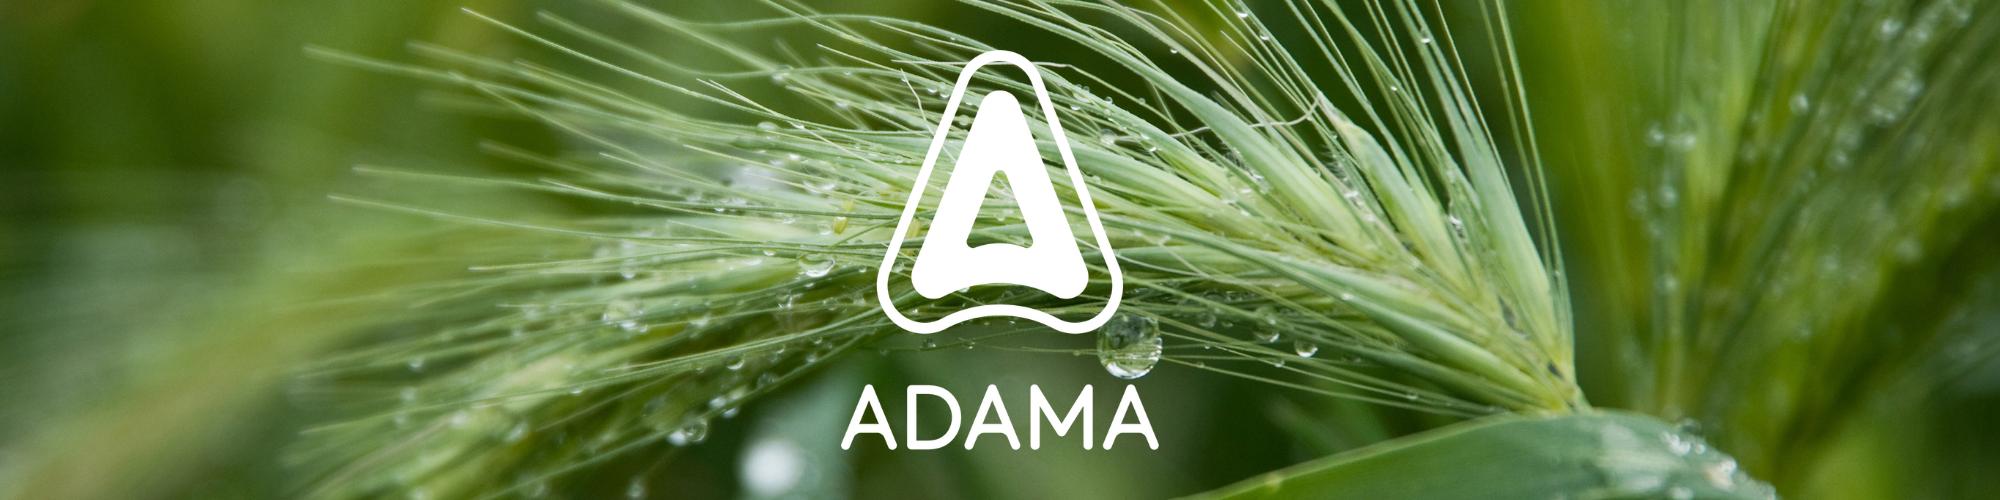 ADAMA Deutschland GmbH